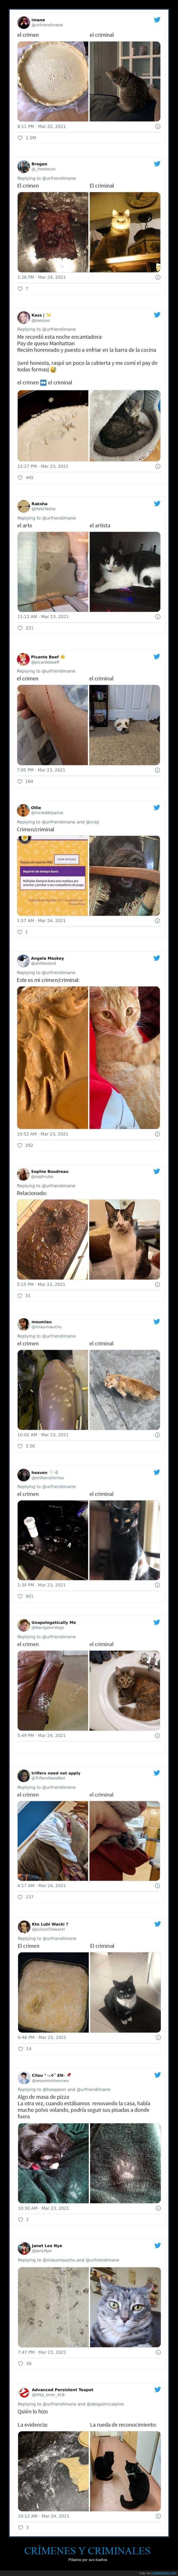 crímenes,criminales,gatos,pillados